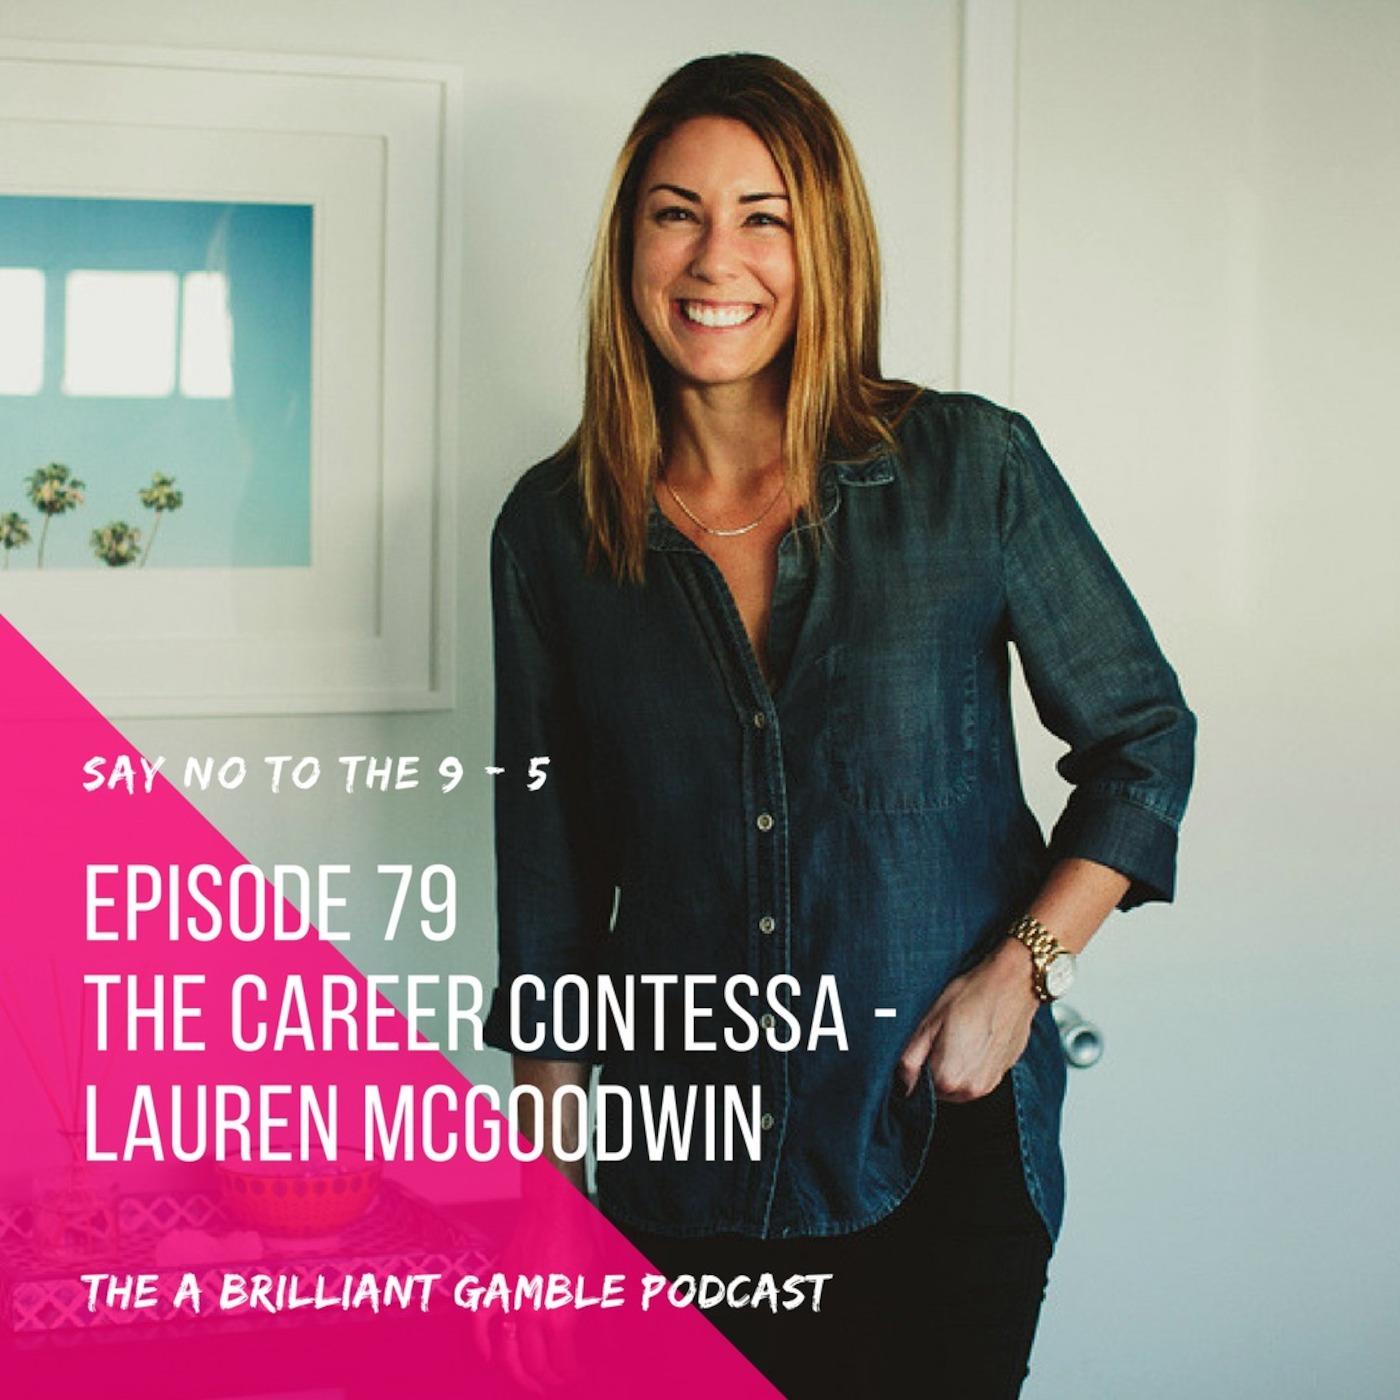 Episode 79: The Career Contessa - Lauren McGoodwin